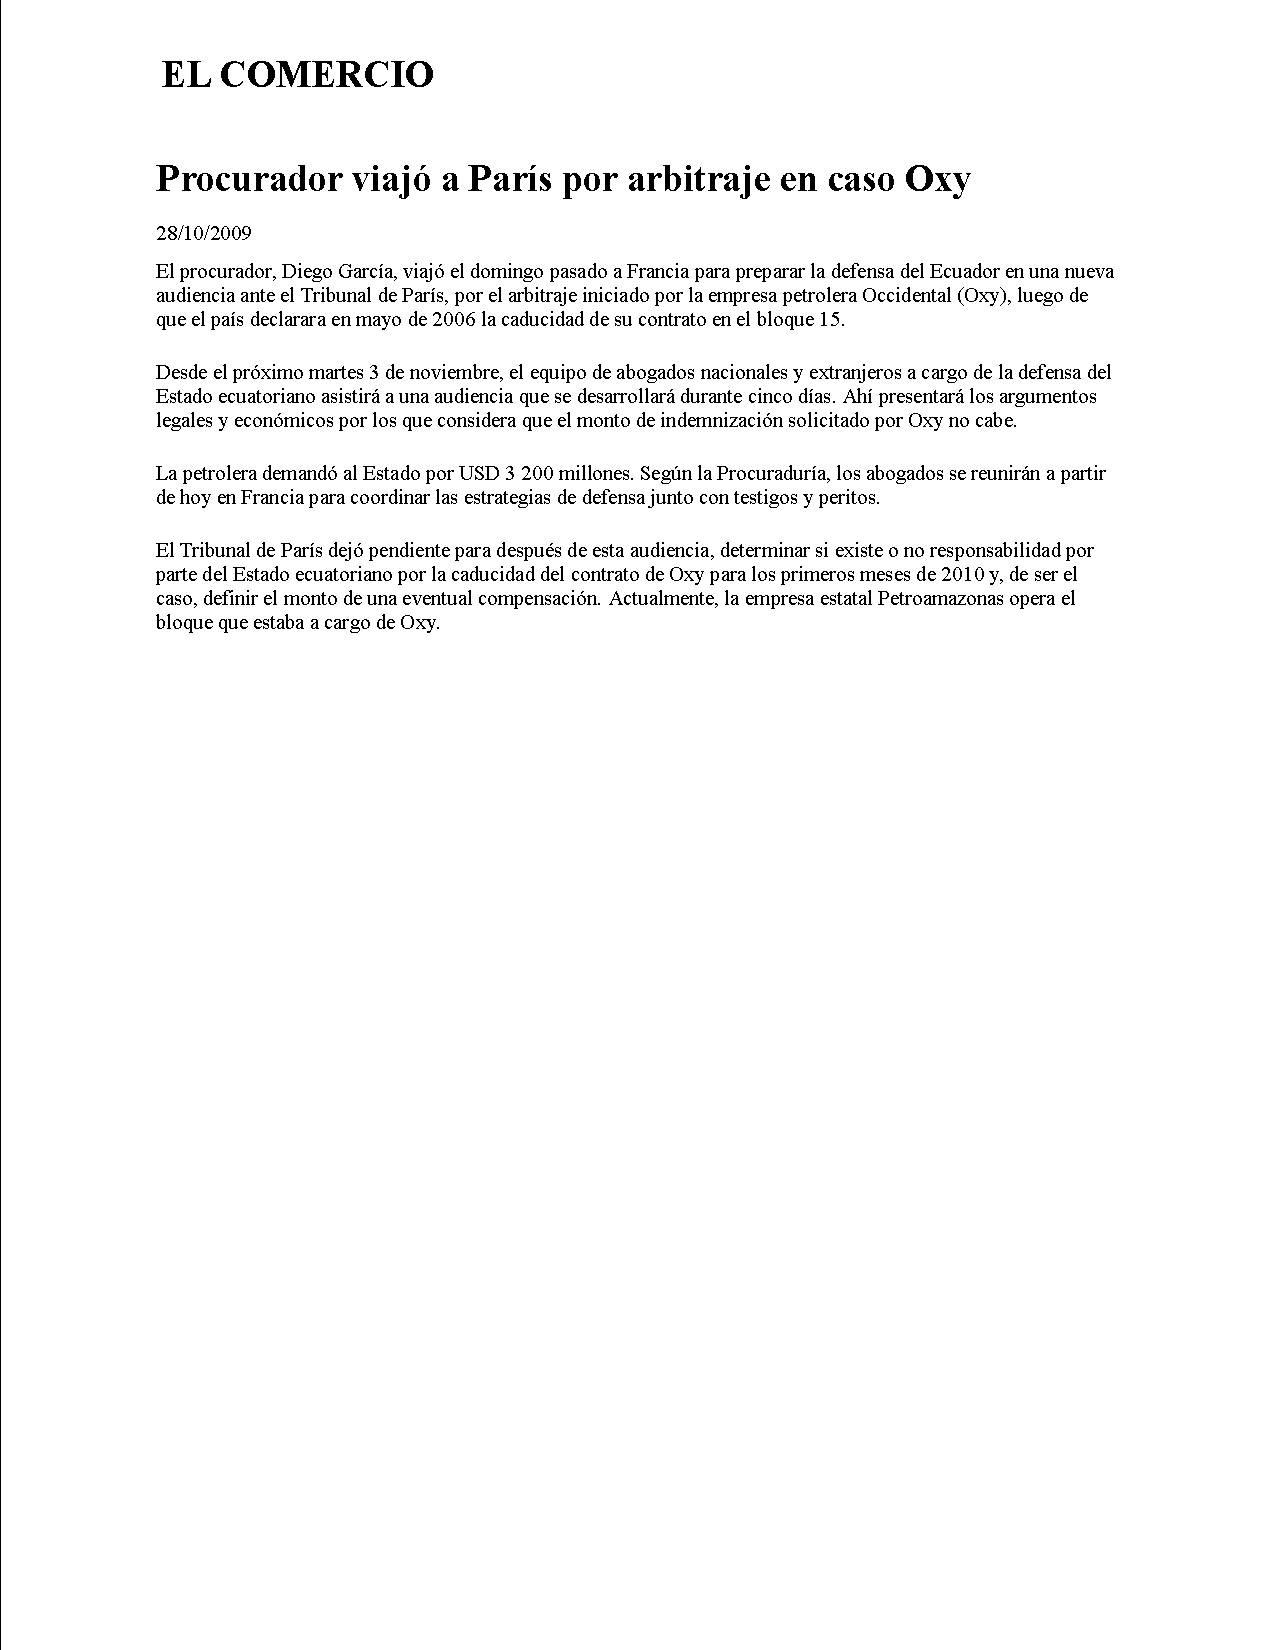 3-EL COMERCIO 28-10-2009